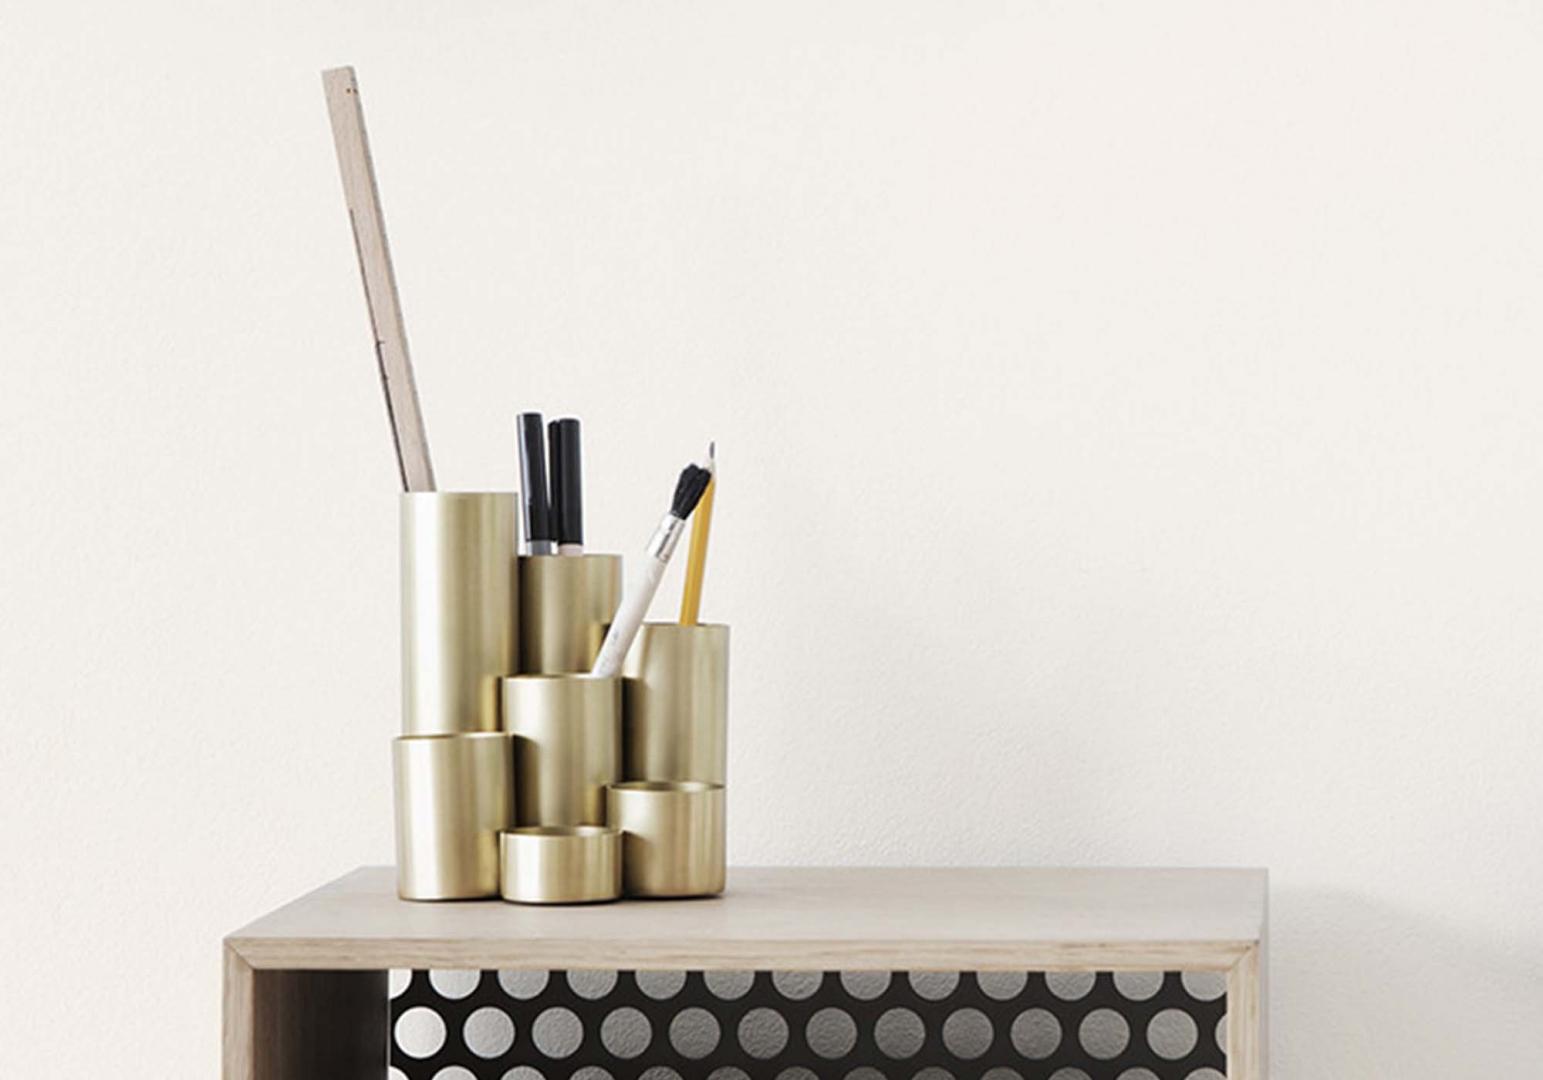 porte crayons design ferm living